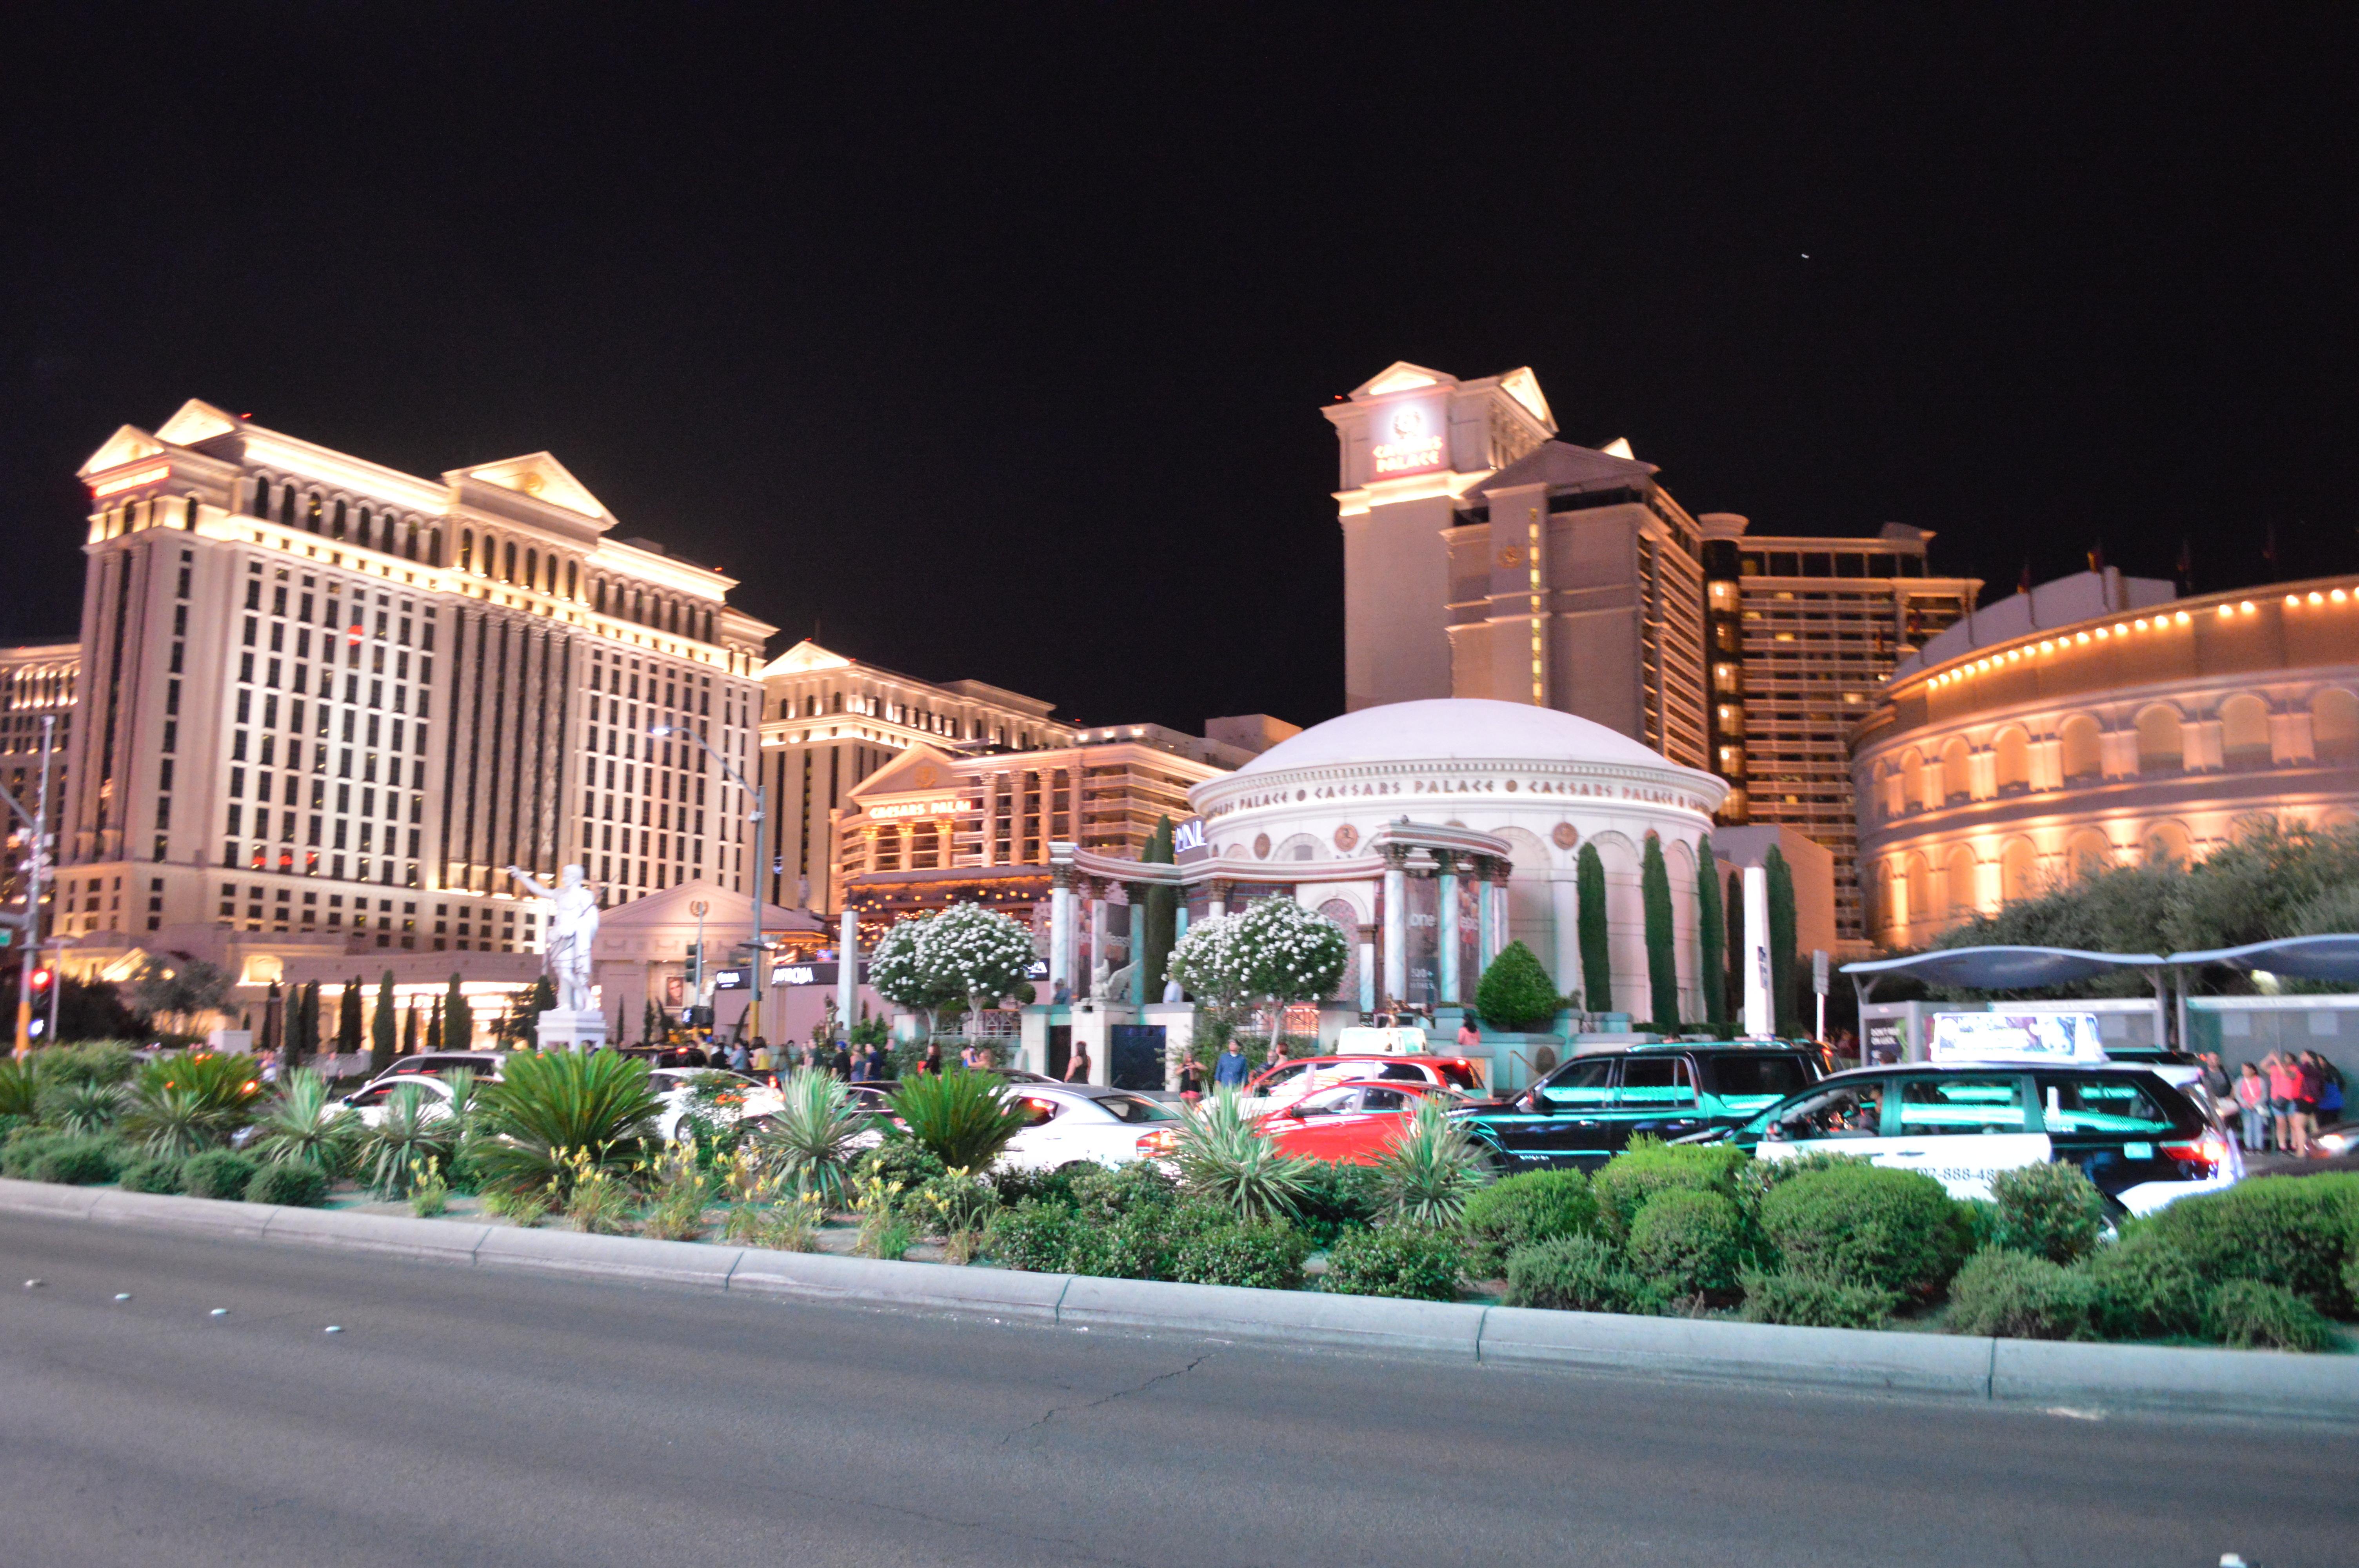 立派なホテルの写真です。